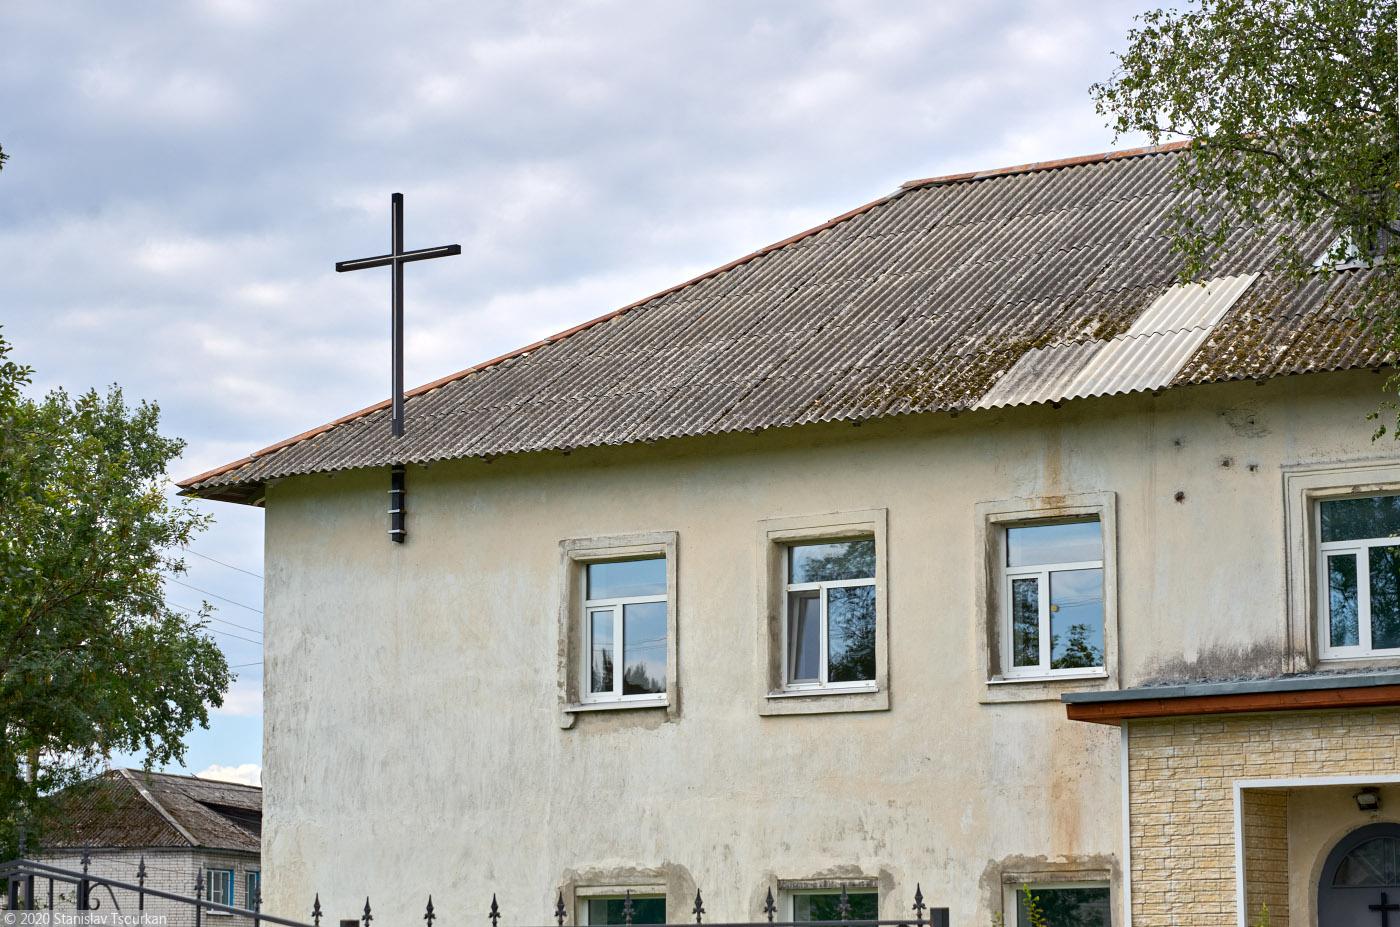 Лахденпохья, Карелия, республика Карелия, лютеранская церковь, лахденпохский приход